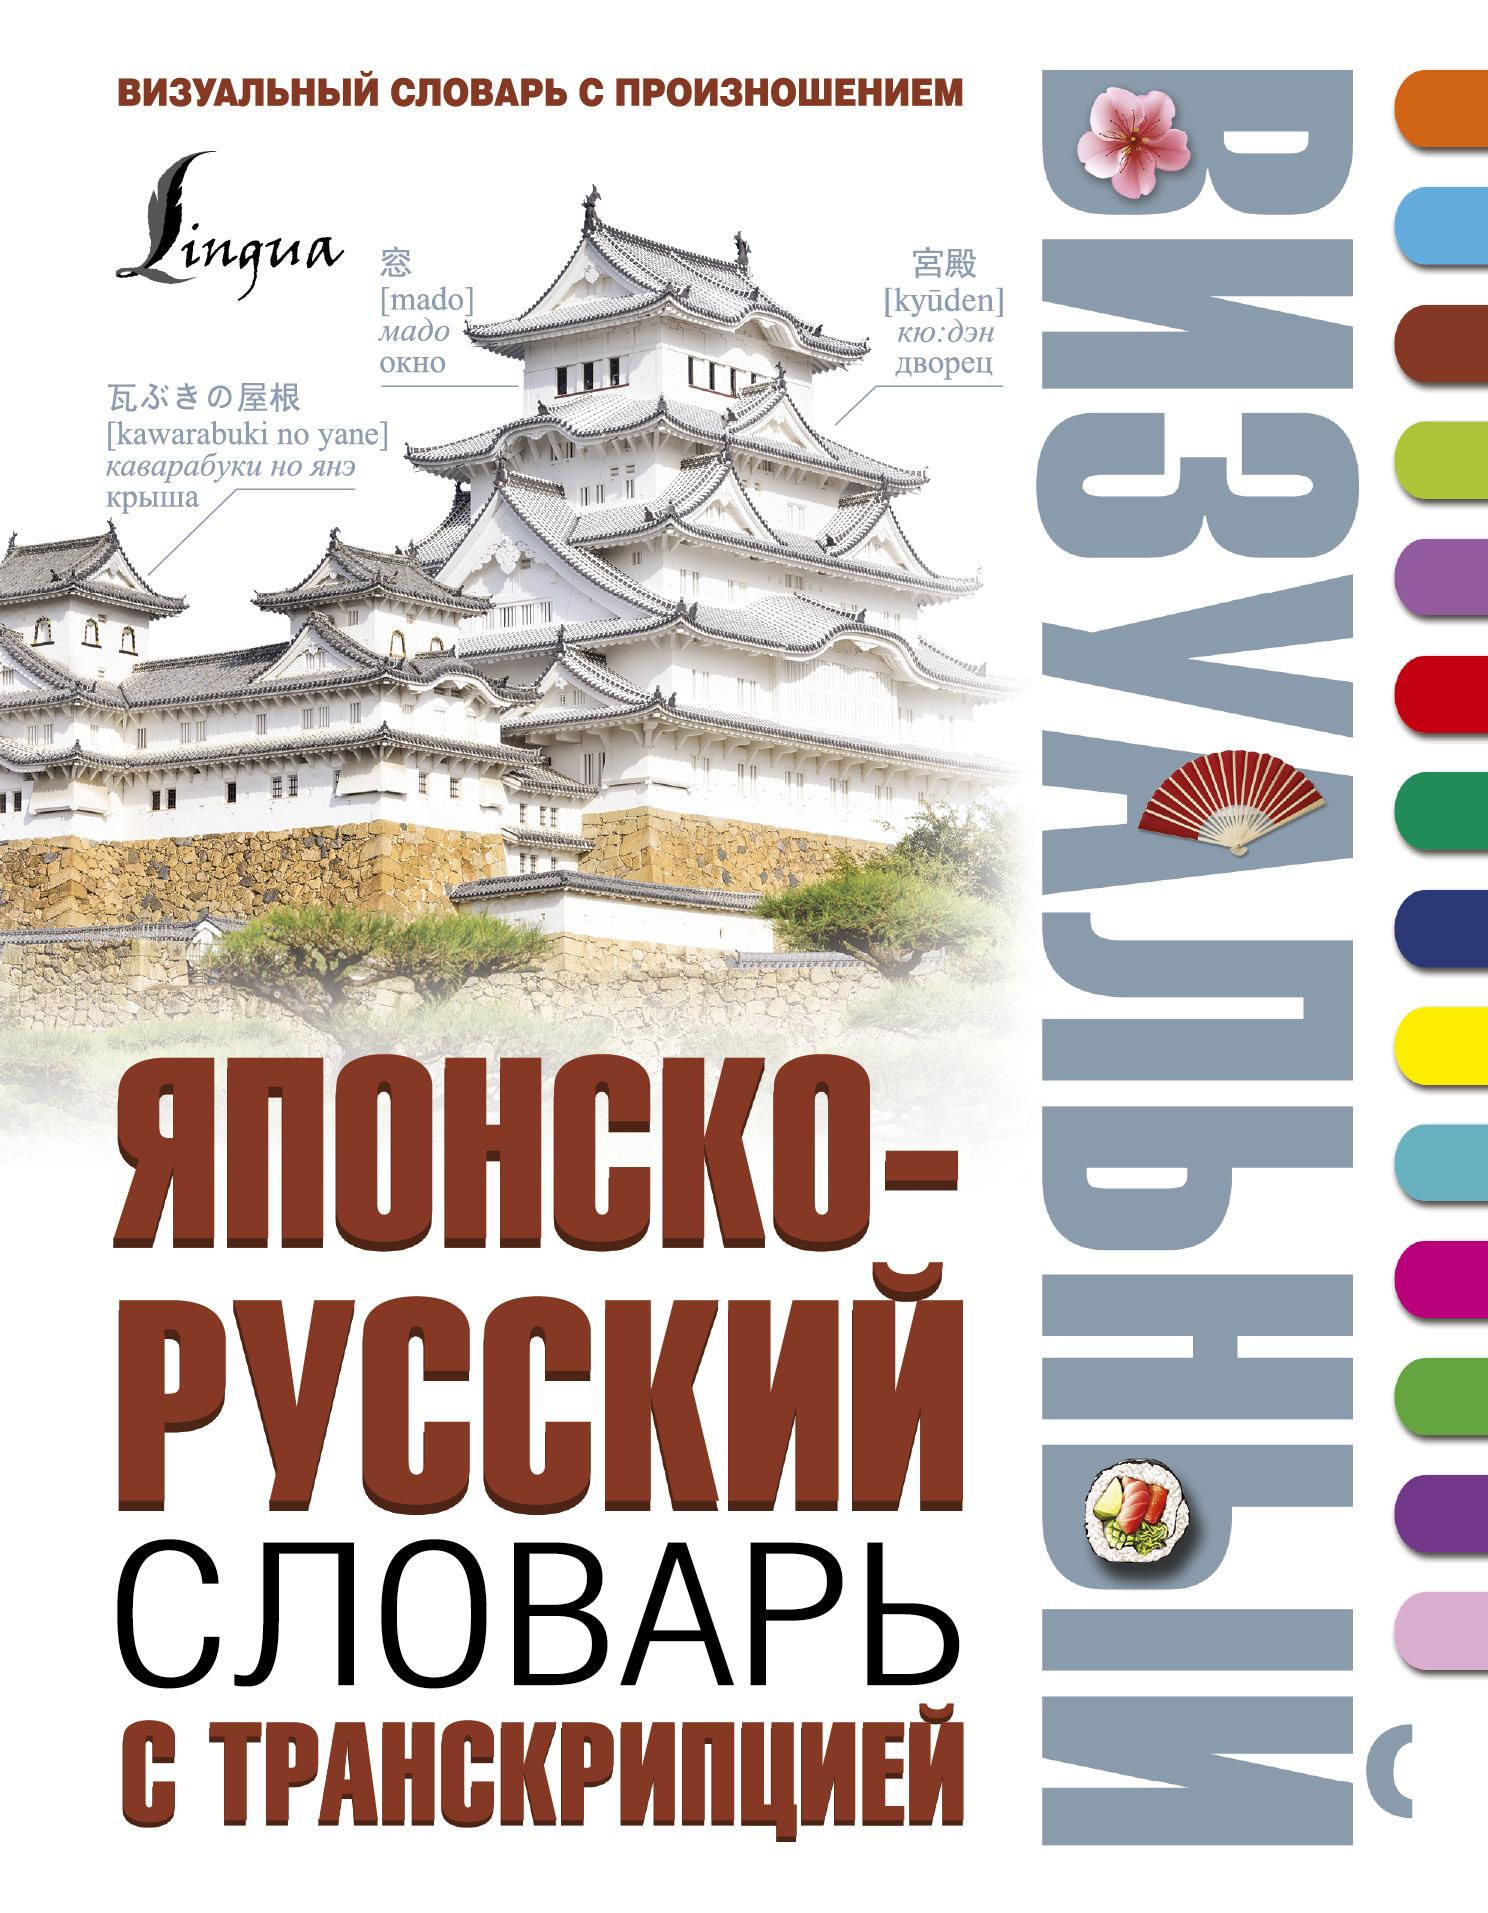 Японско-русский визуальный словарь с транскрипцией ( .  )